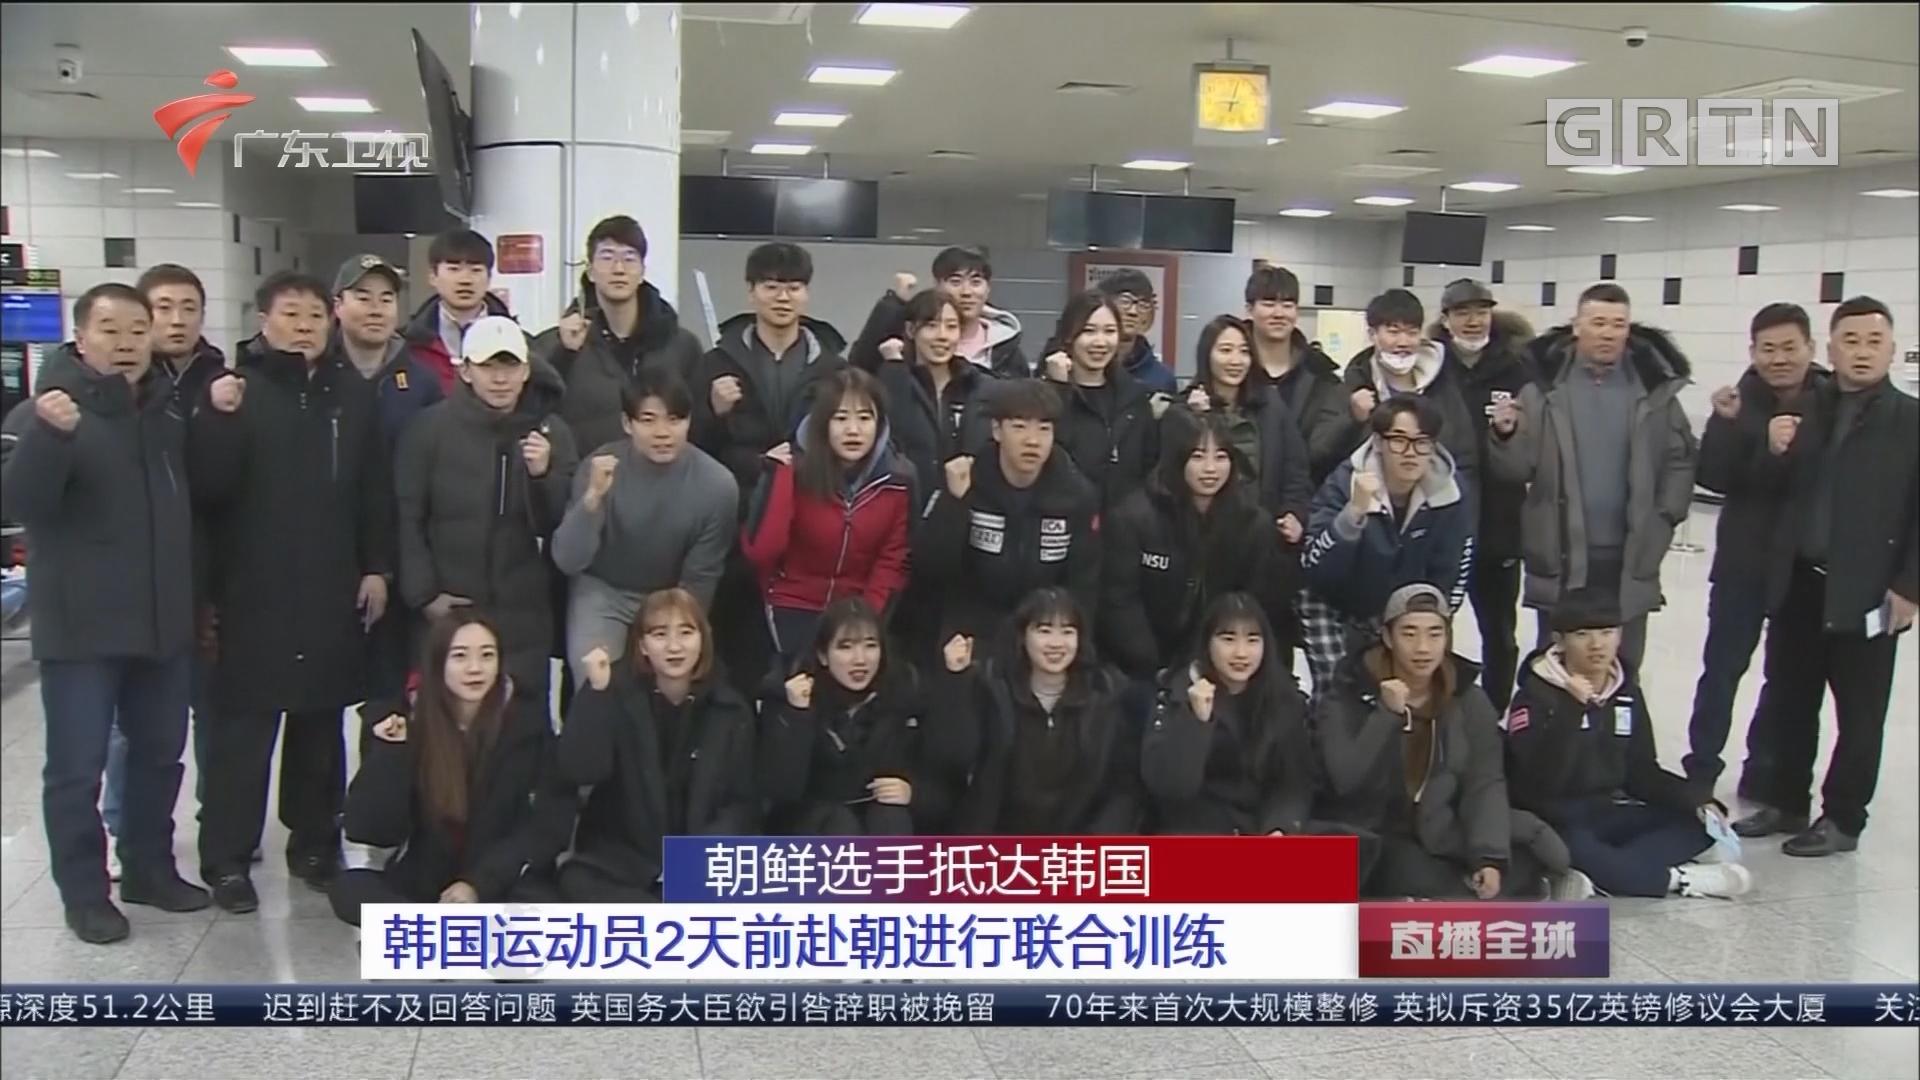 朝鲜选手抵达韩国 22名朝鲜选手全部入住奥运选手村